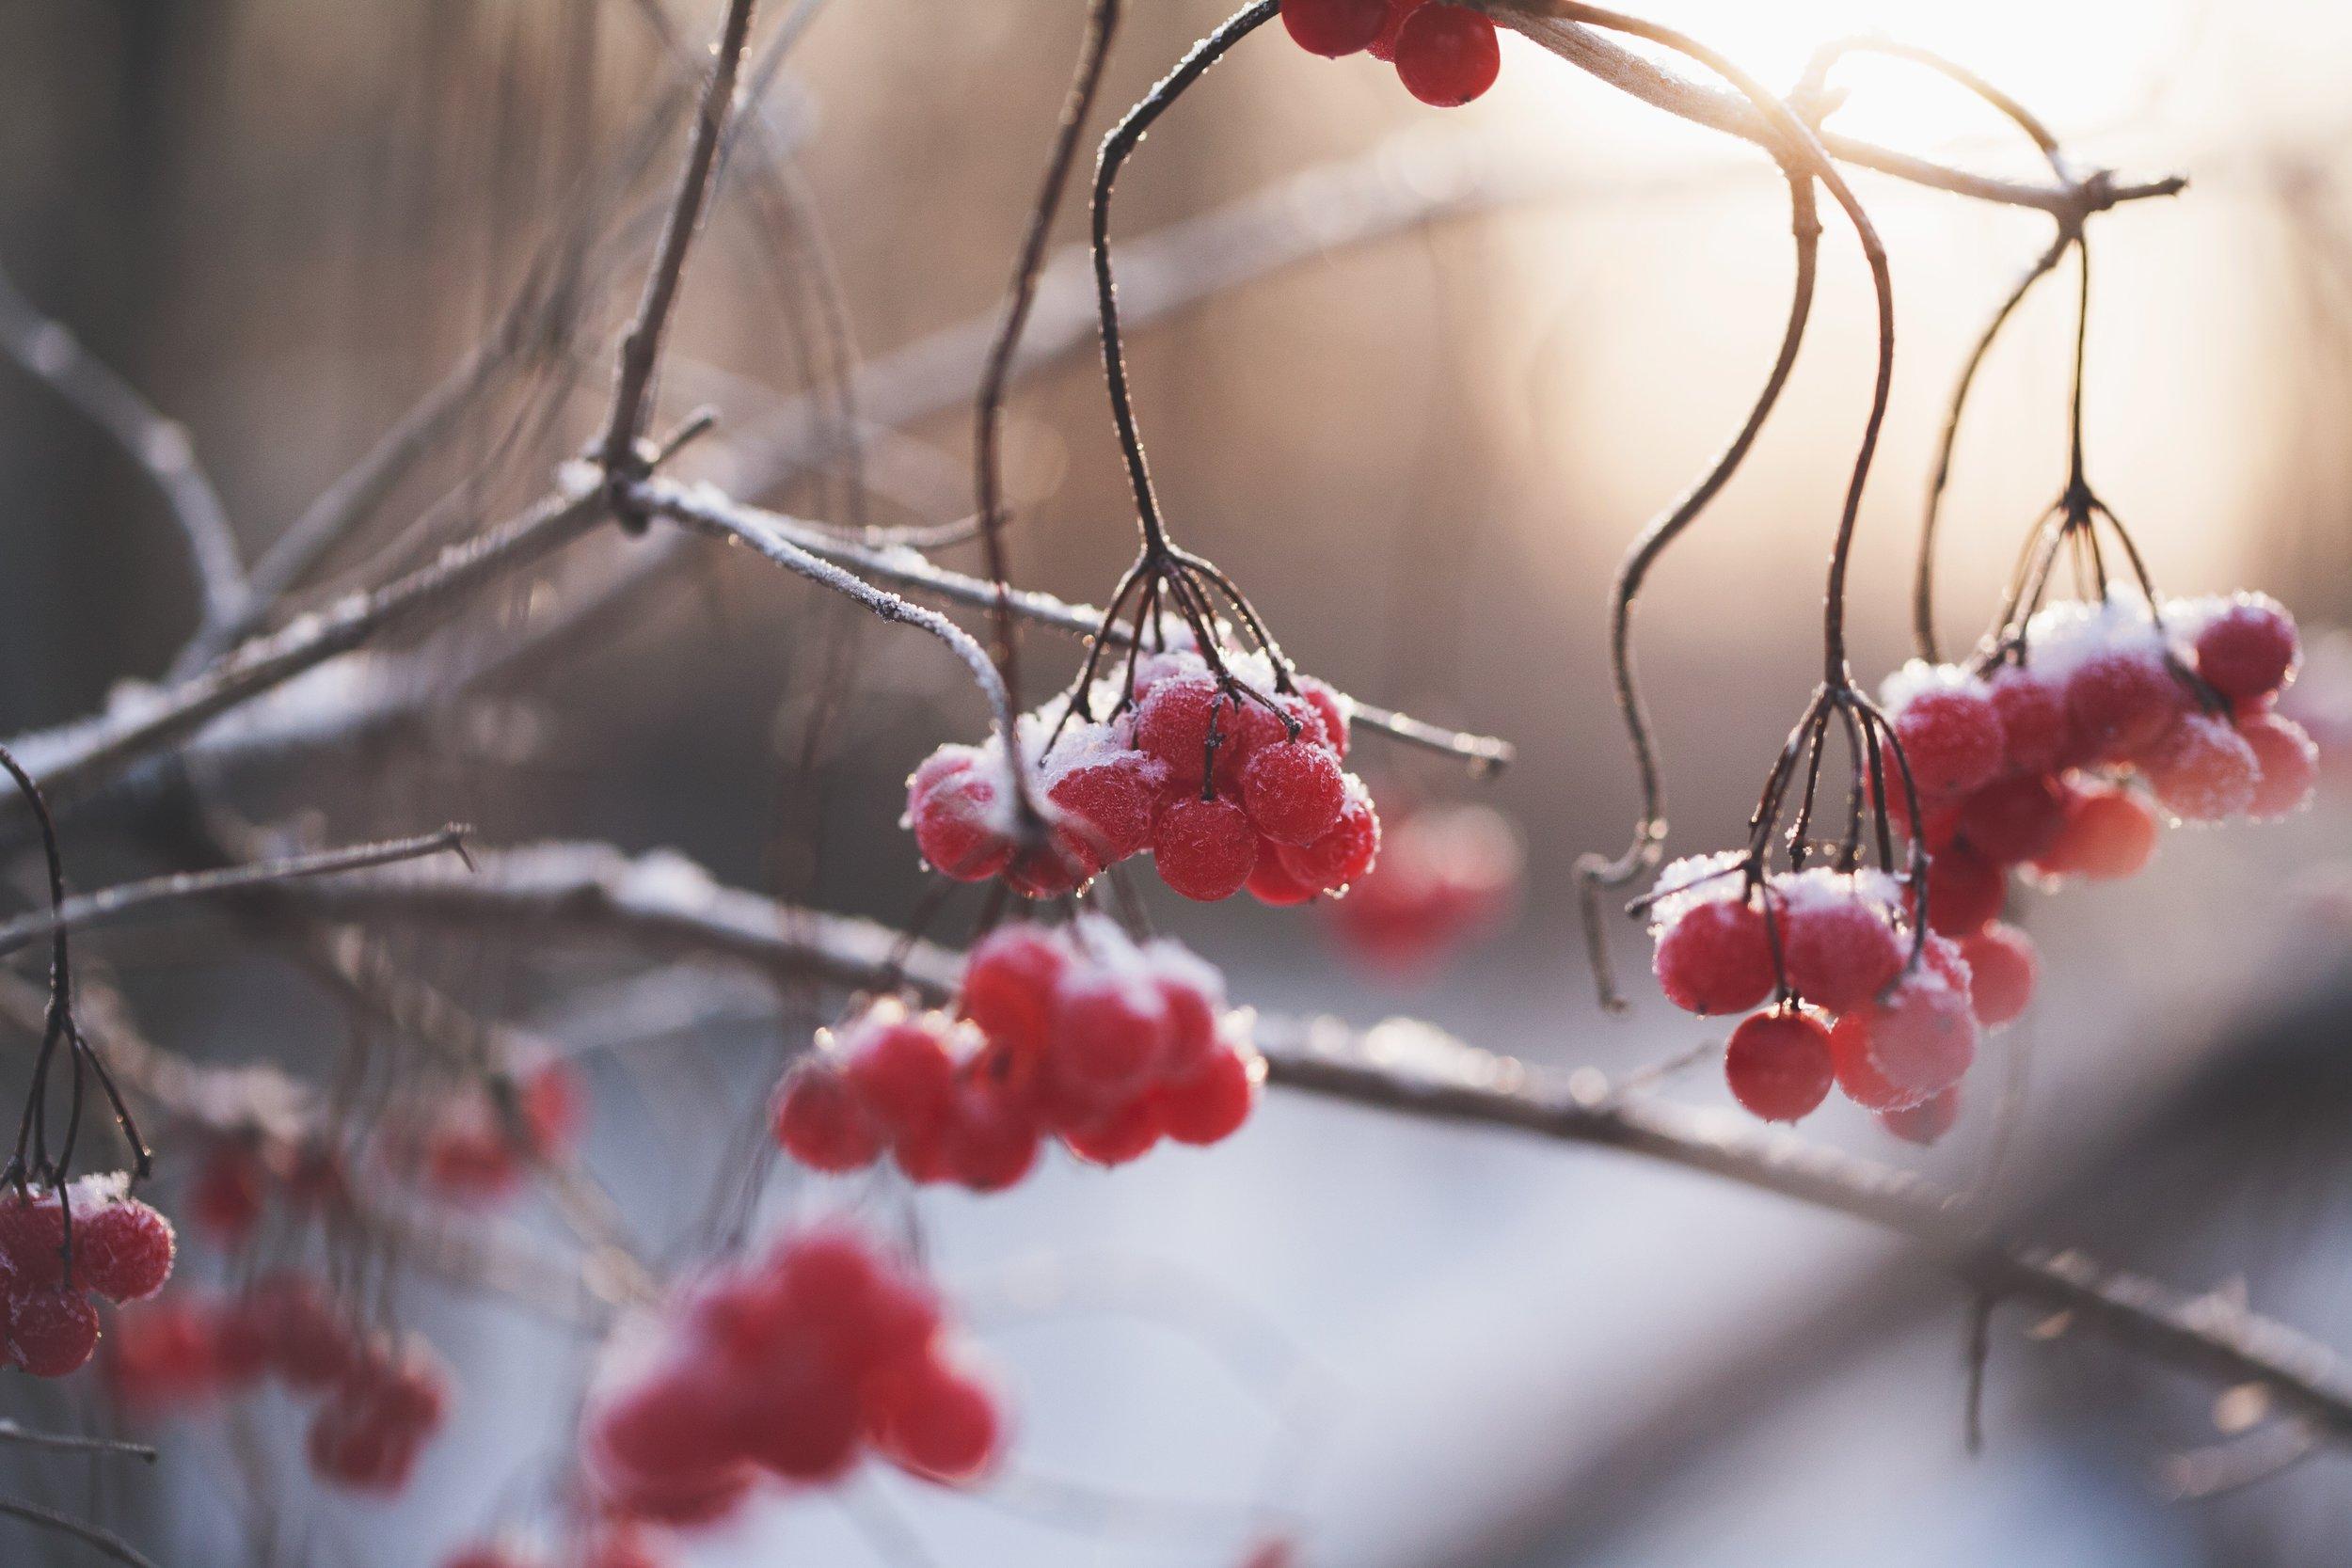 Red Winterberries-hydl8uarcn8-maria.jpg